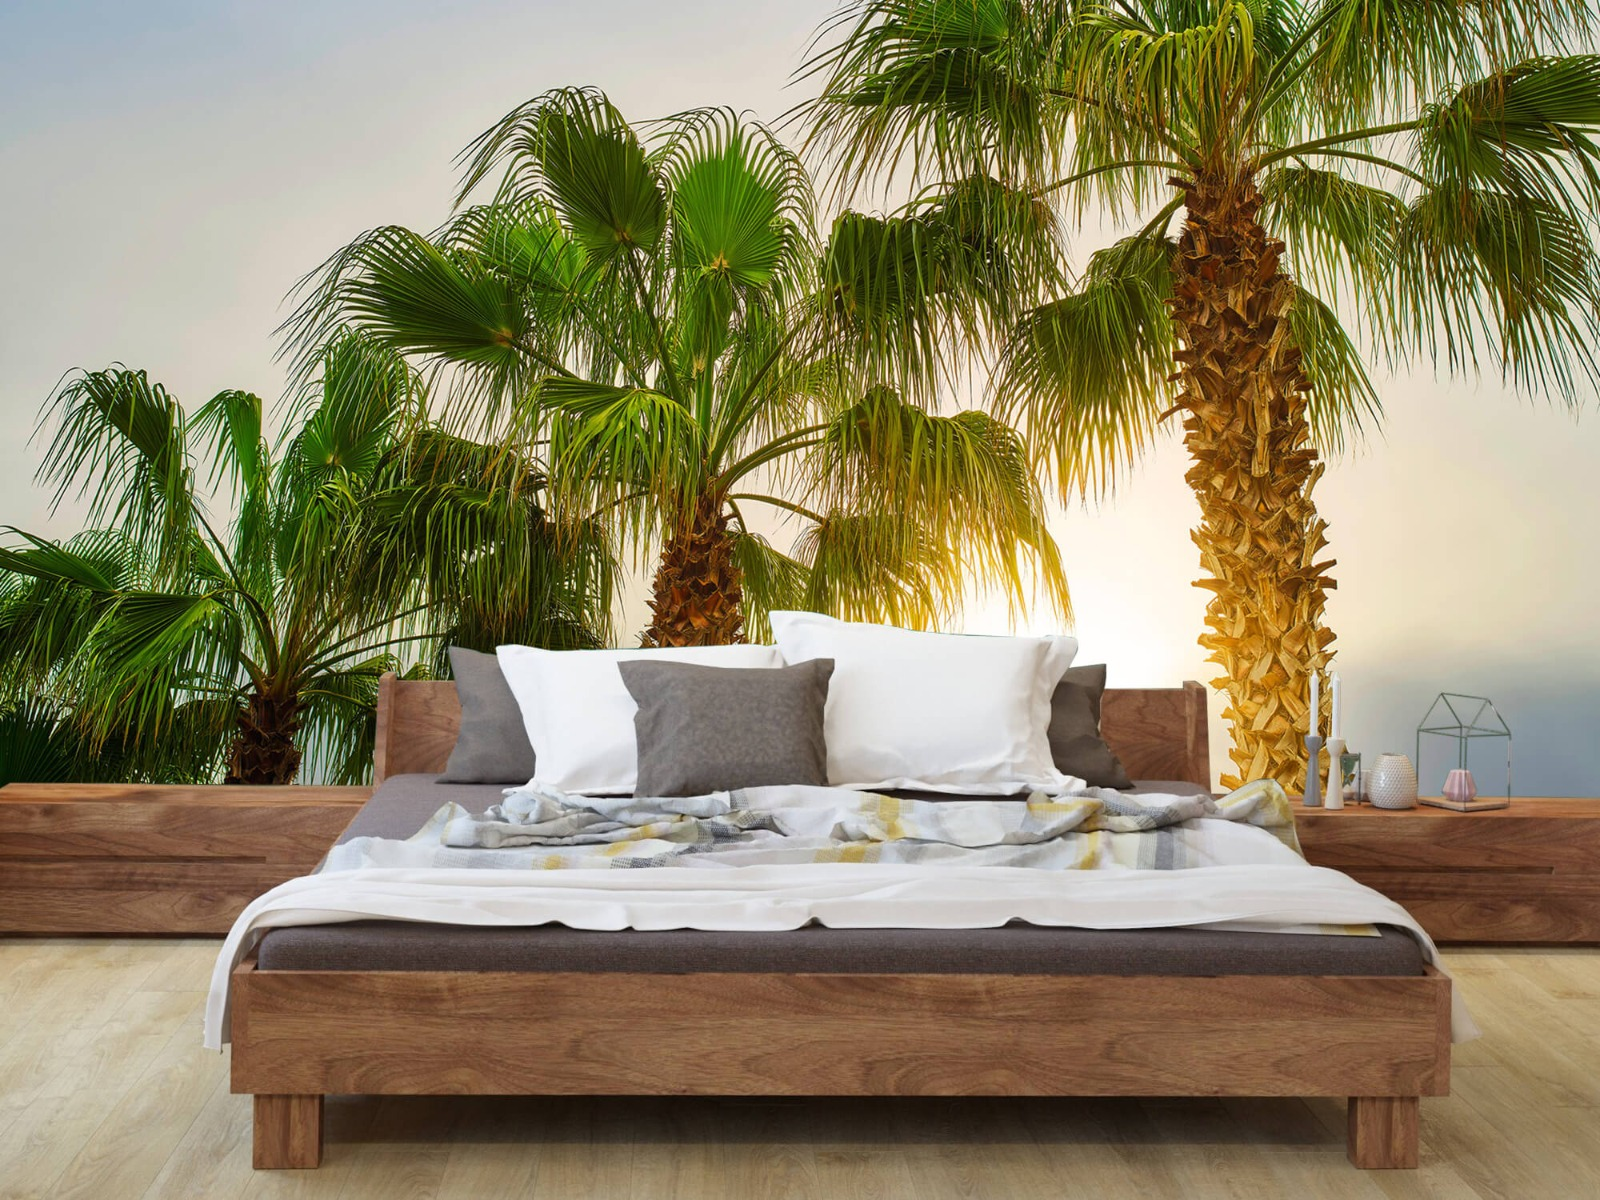 Palmbomen - Palmbomen met zon - Gang 8